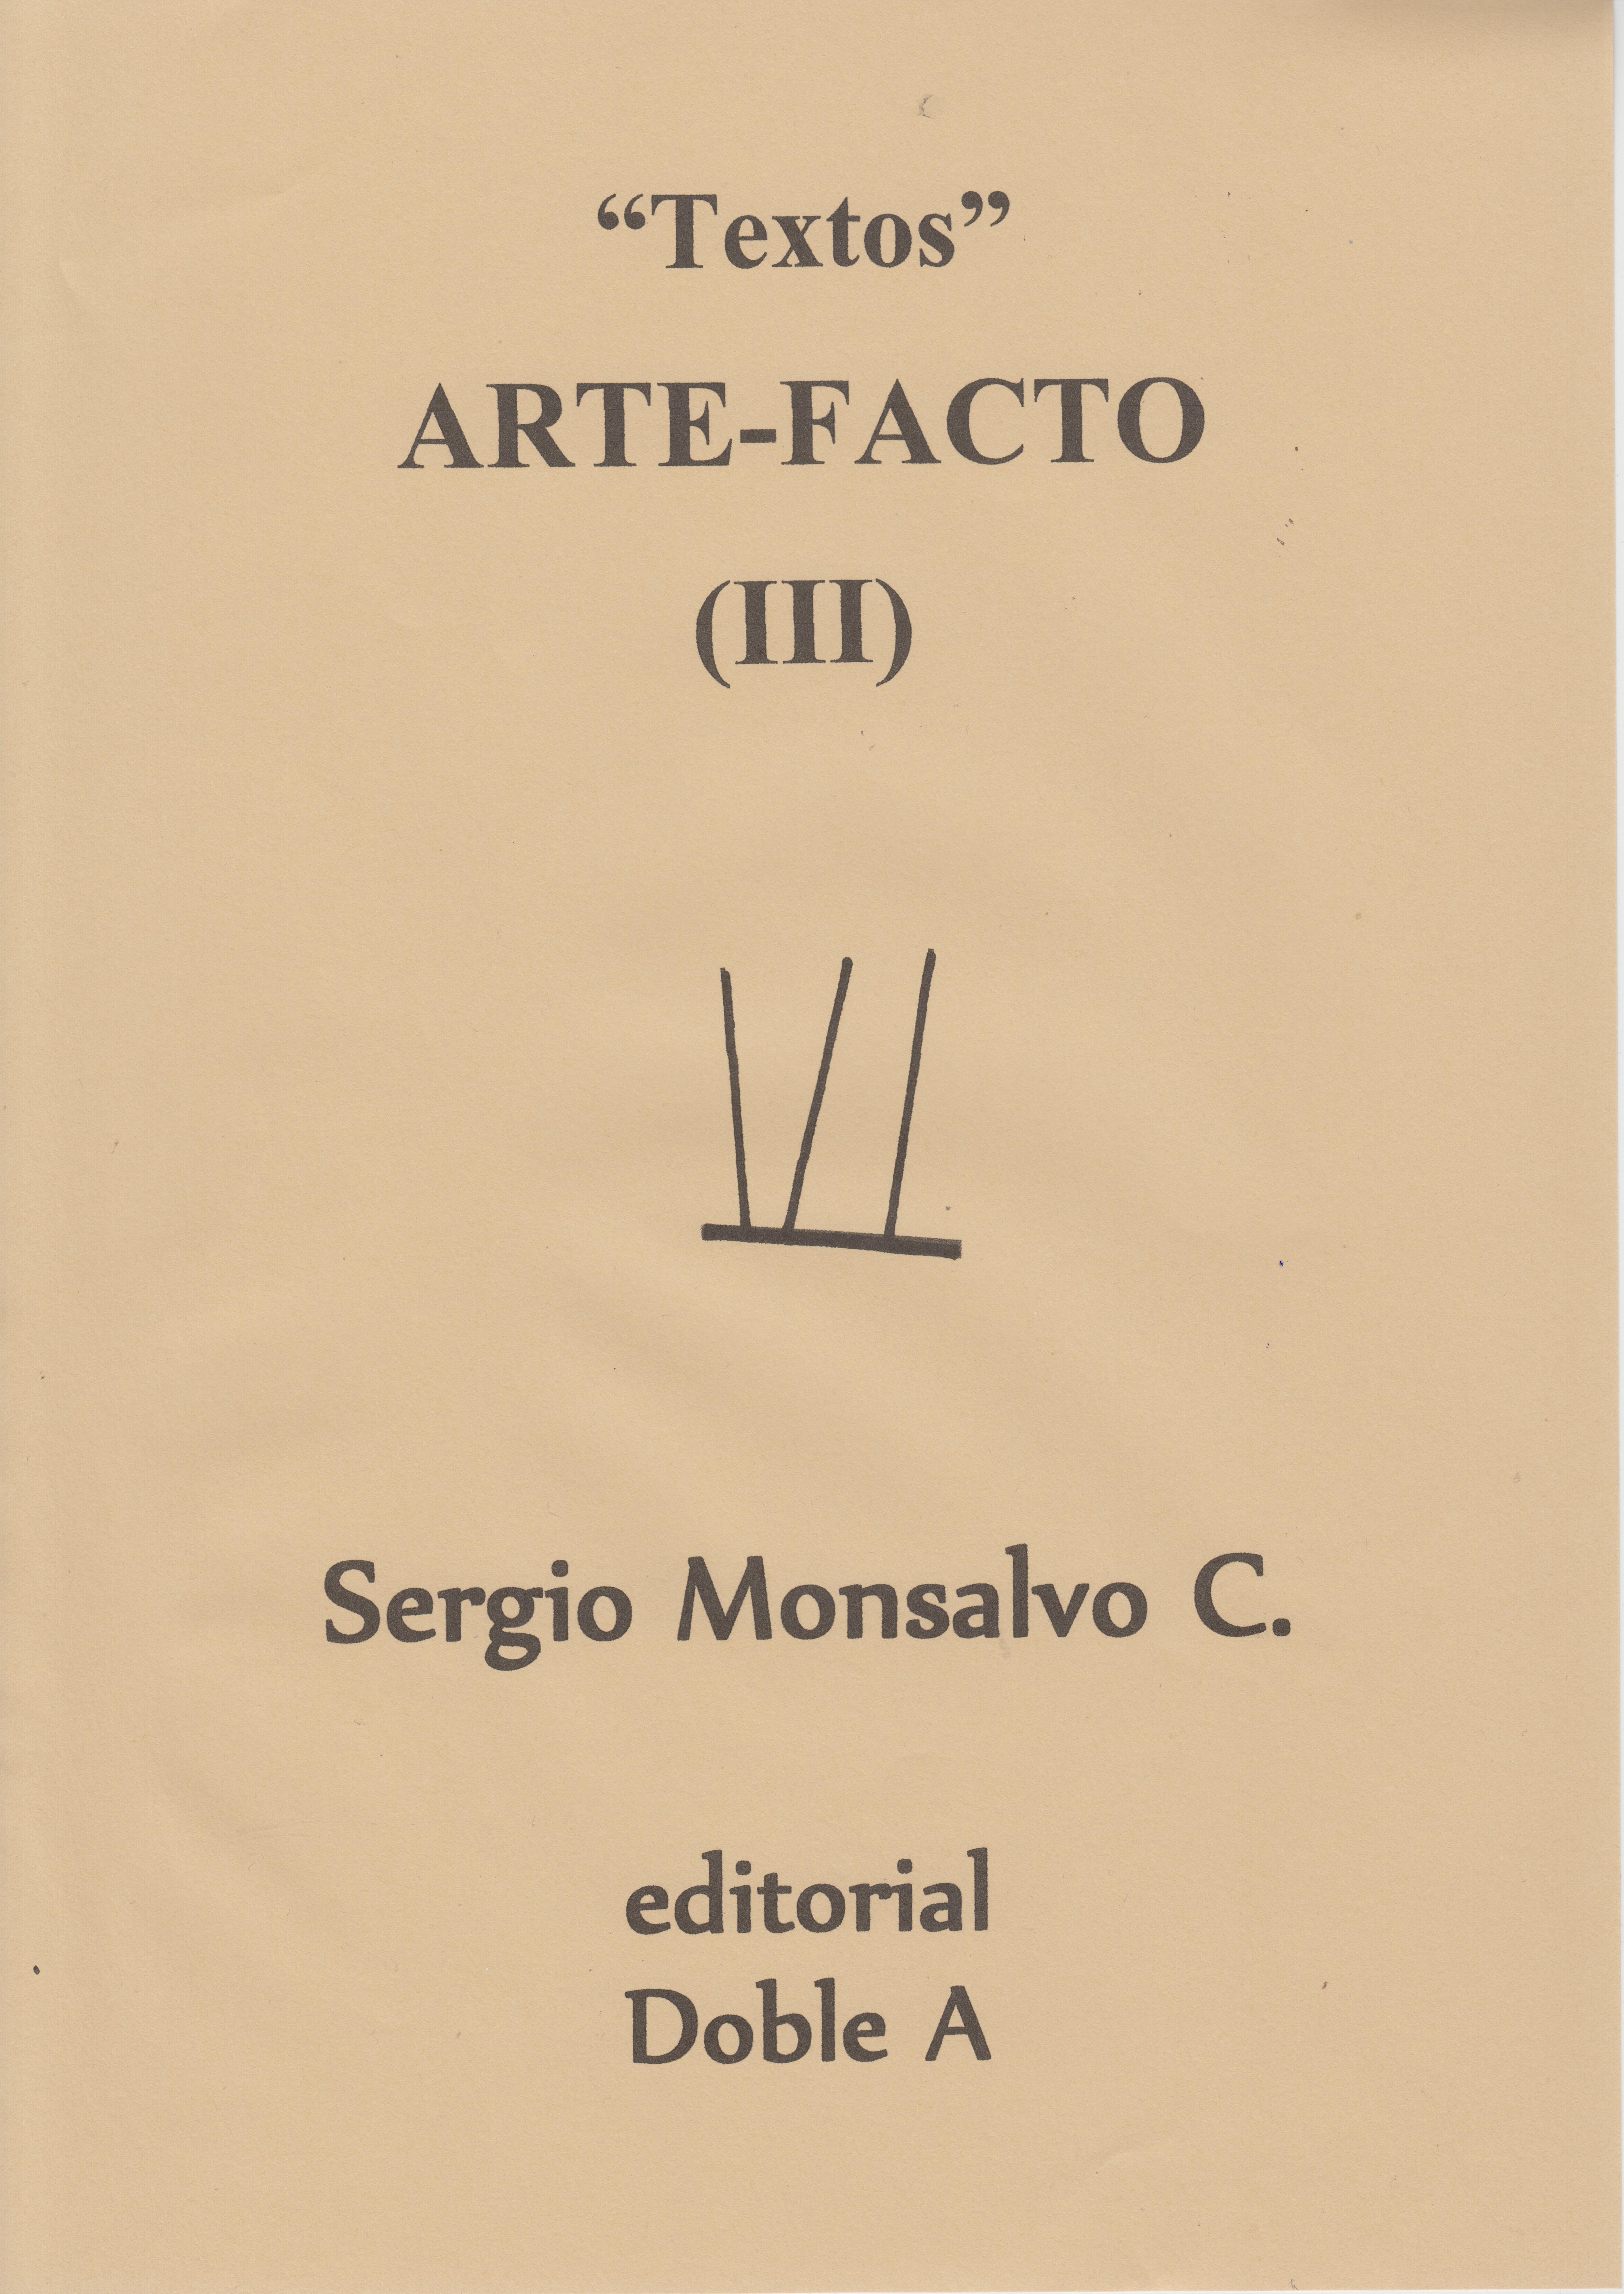 ARTE-FACTO III (PORTADA)